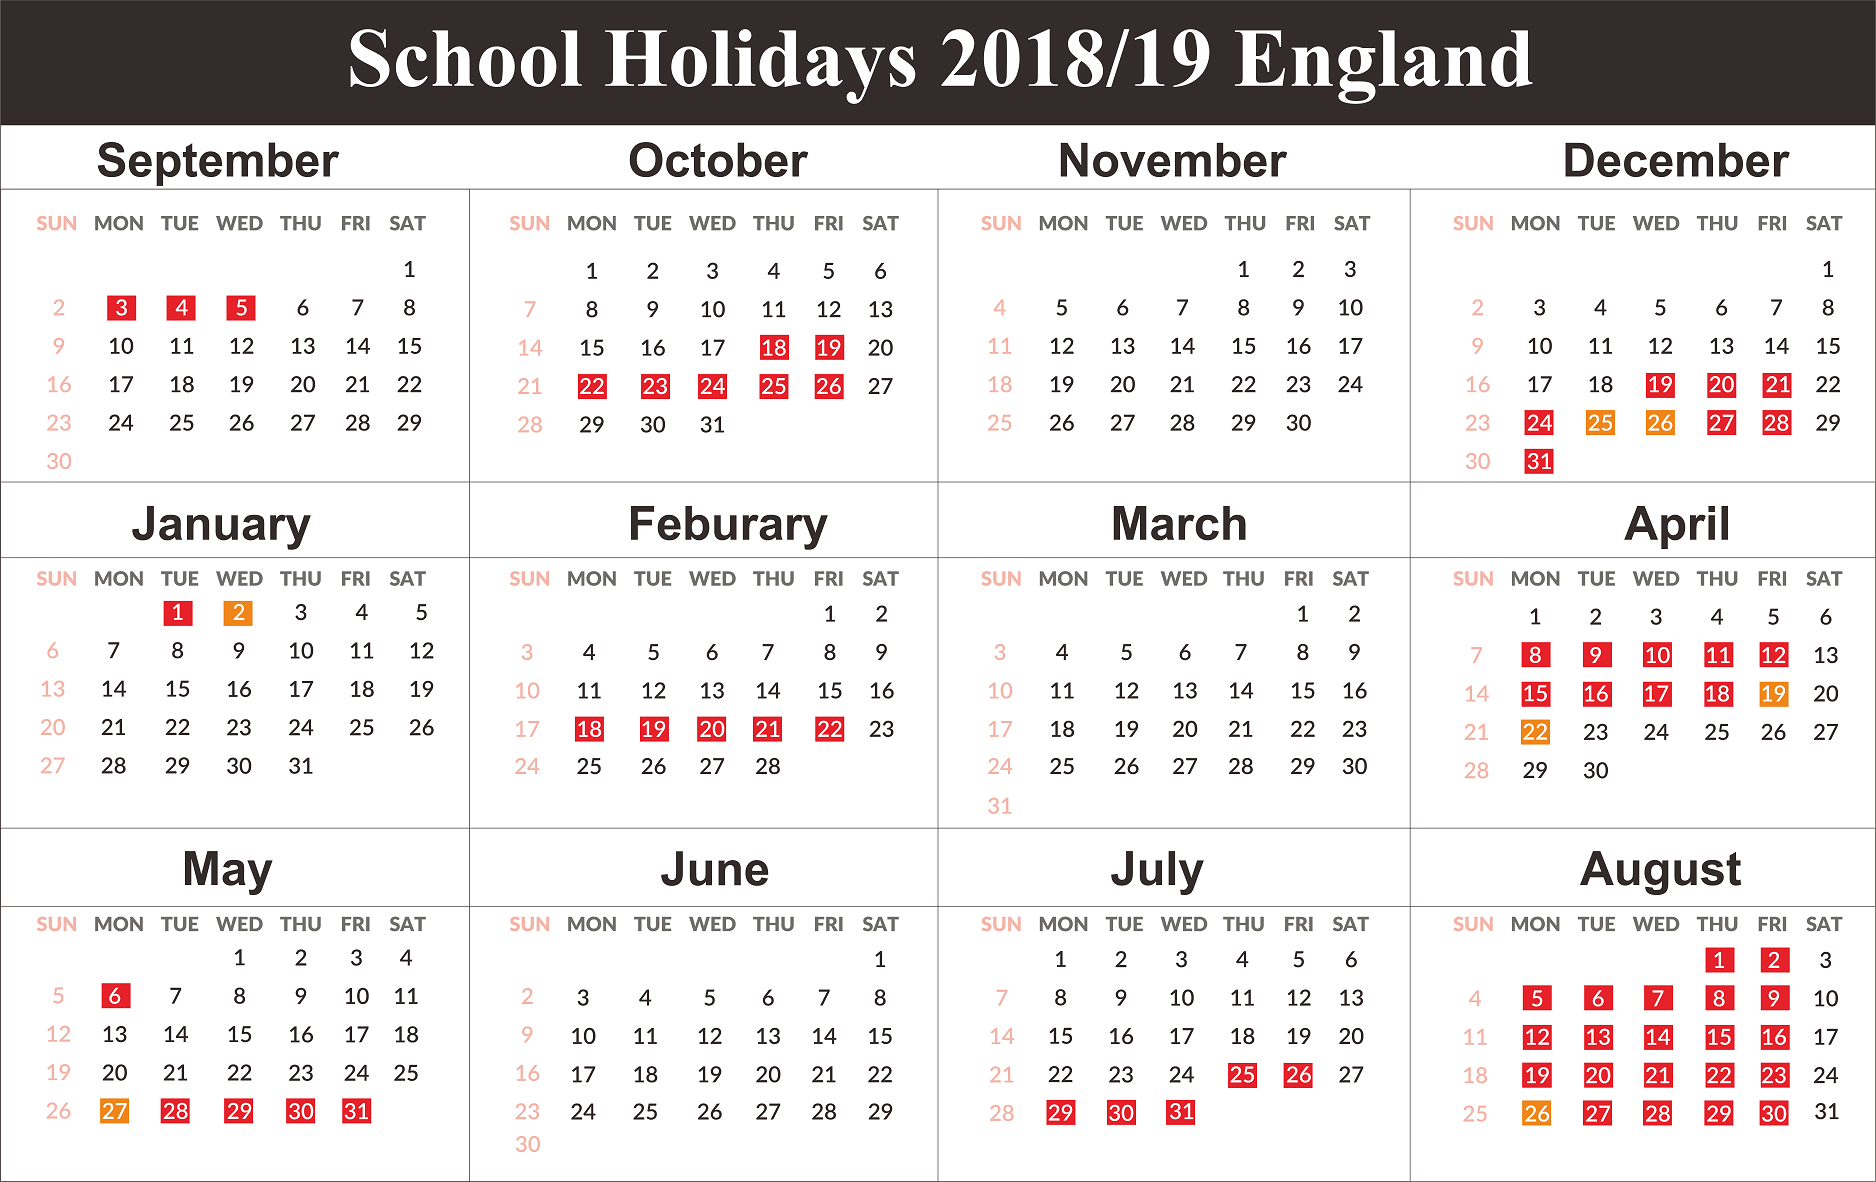 Free England School Holidays Calendar 2018-2019 | Free Printable Calendar 2019 England